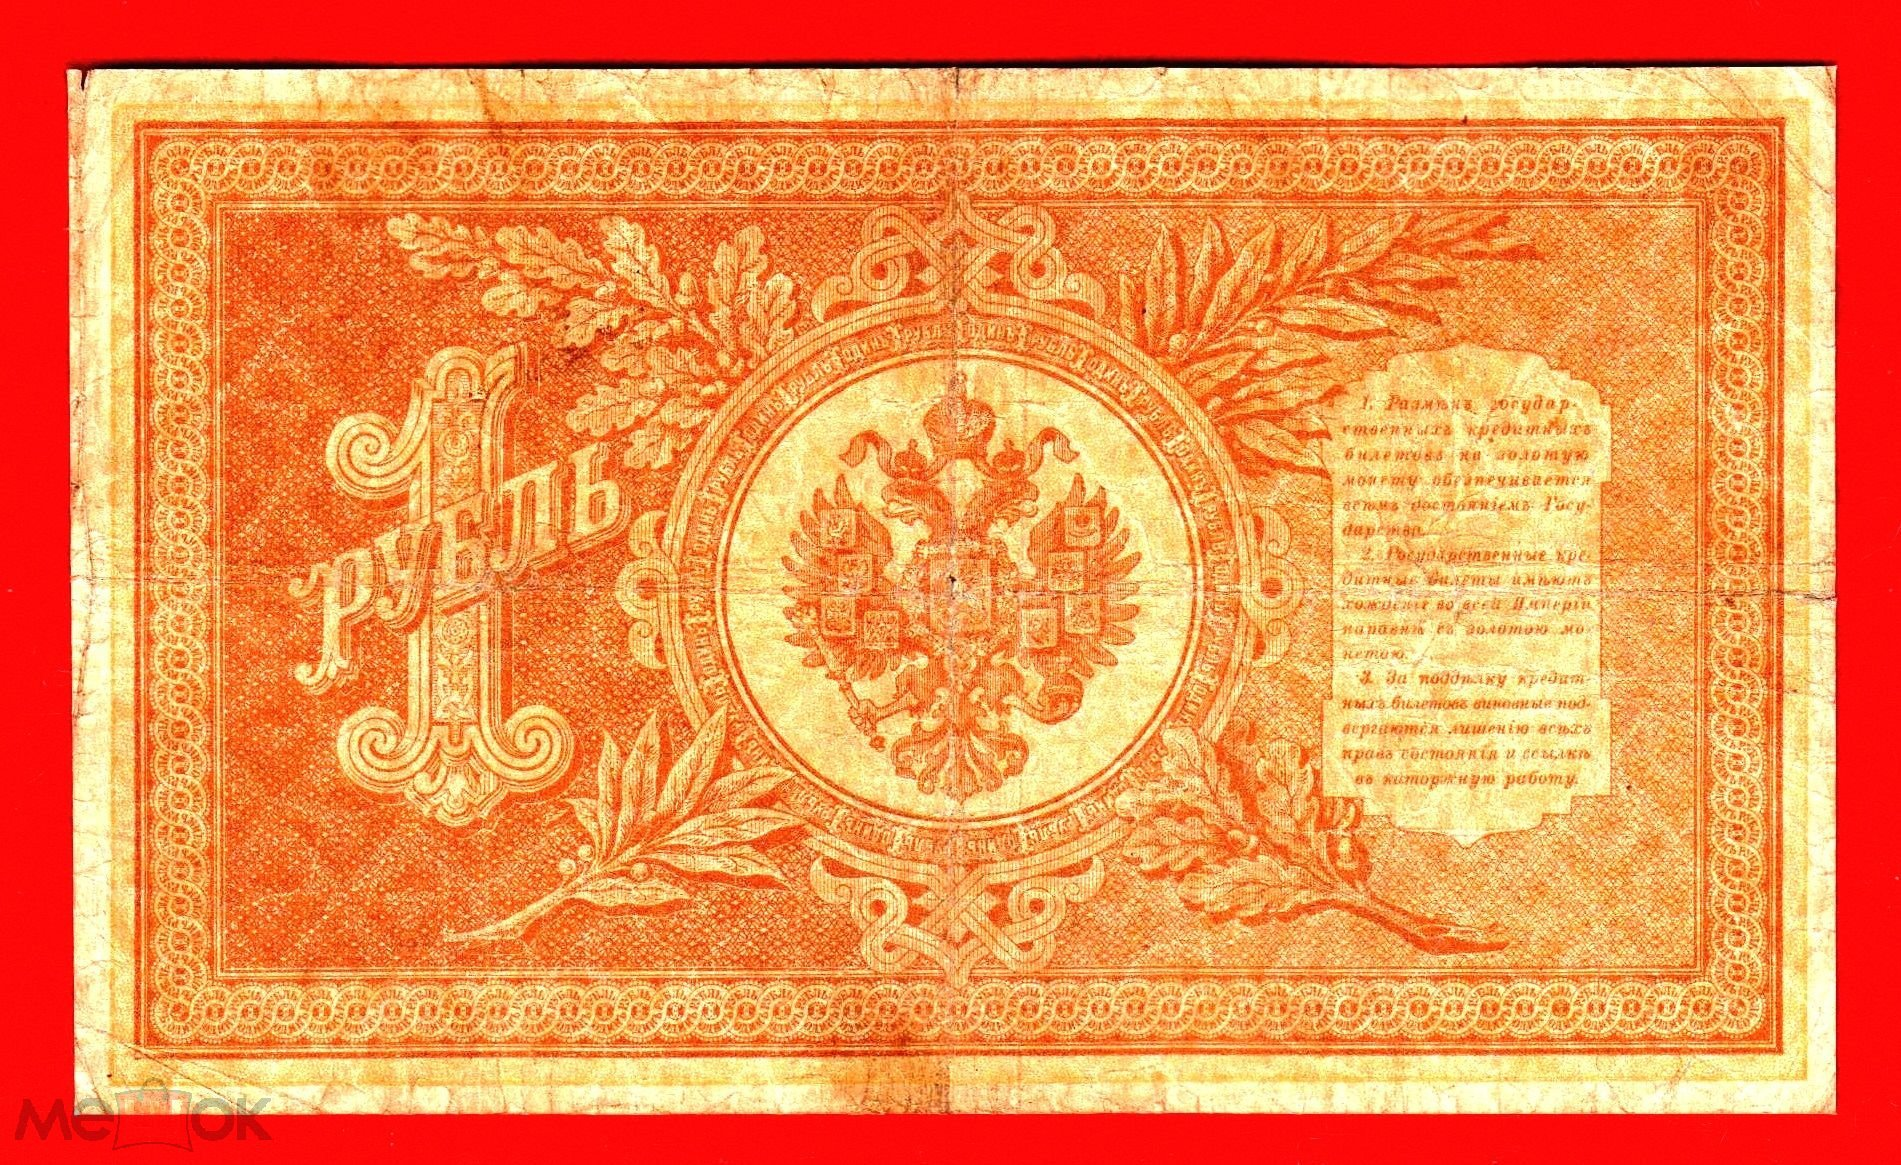 Империя, 1 рубль, 1898, Шипов, Поликарпович, VF+, НА-48 - 2 ЦИФРЫ, ПЕРВЫЕ СЕРИИ, RRR, № 2, W